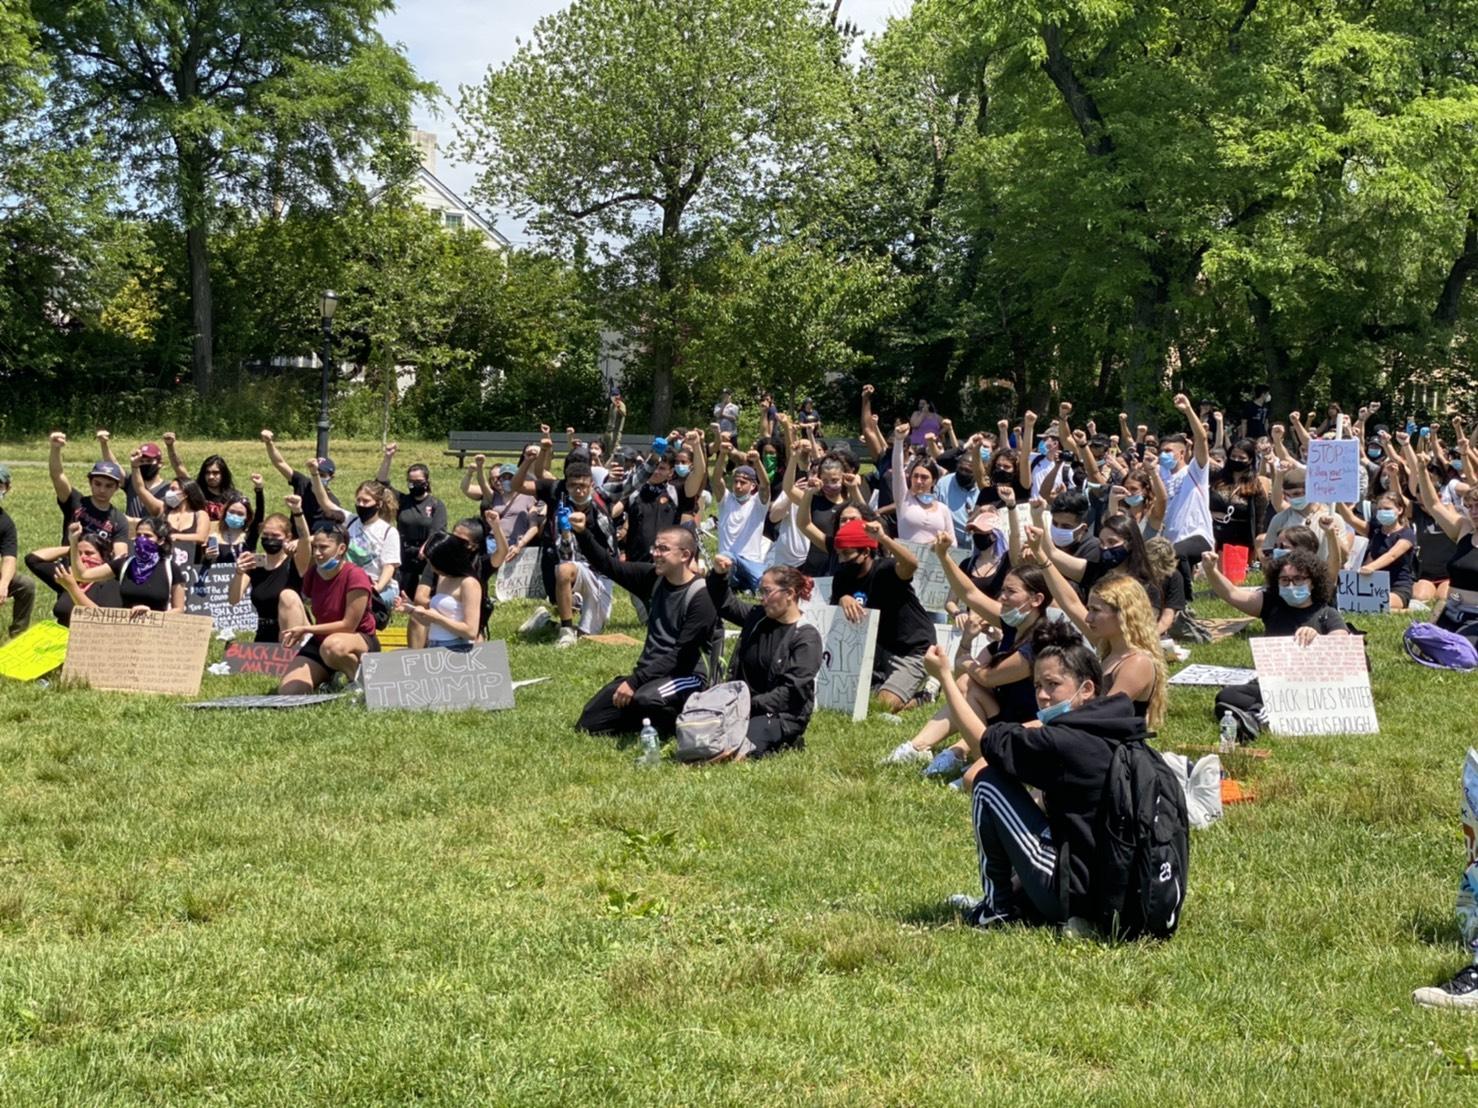 數百名示威遊行者從法拉盛步行至白石鎮法拉西斯路易斯公園(francis lewis park)後,單膝跪地,大呼「黑人的命也是命」。記者牟蘭/攝影